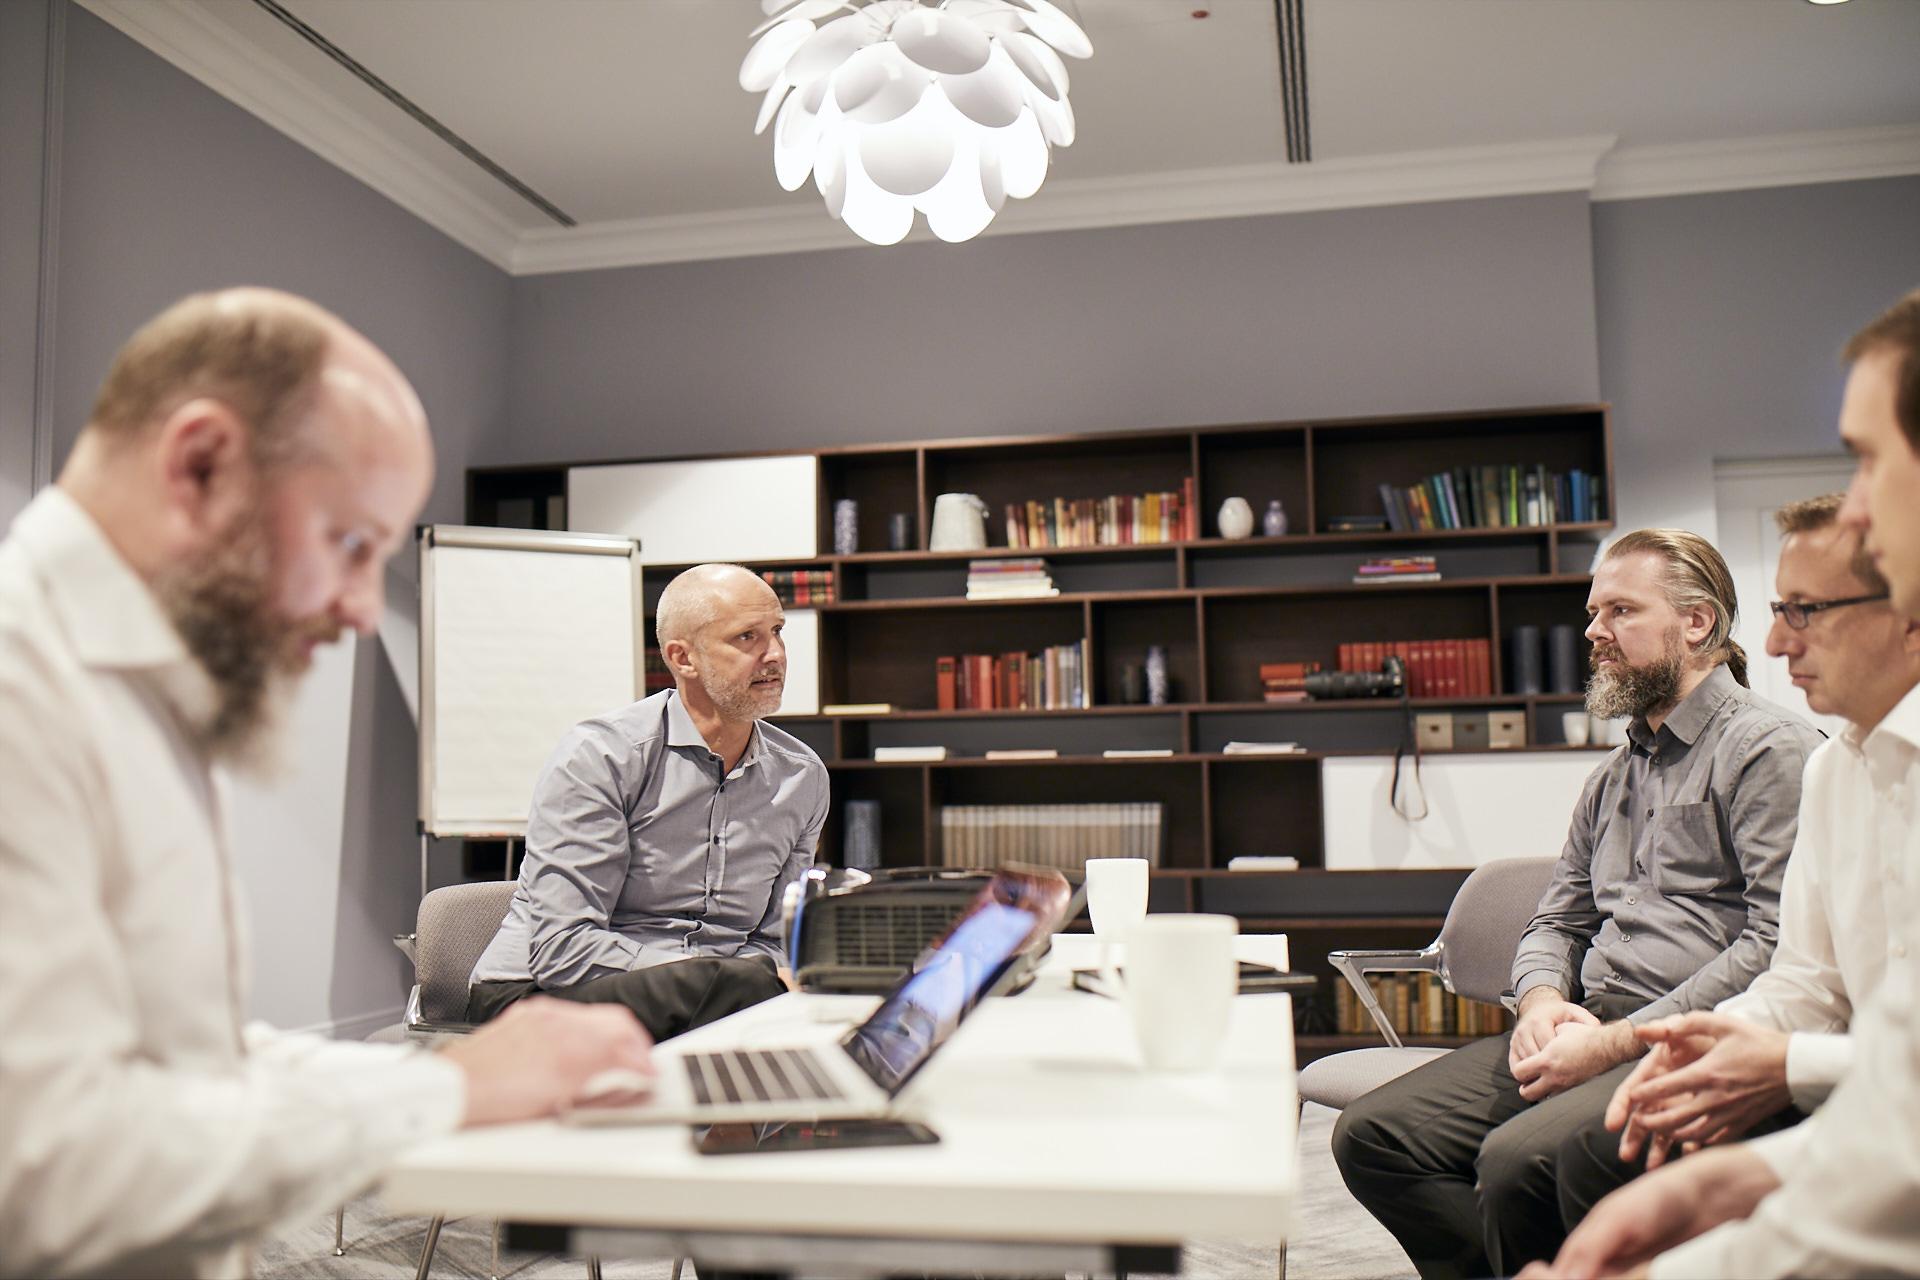 Consileon Mitarbeiter sind in einem Meeting im Büro.